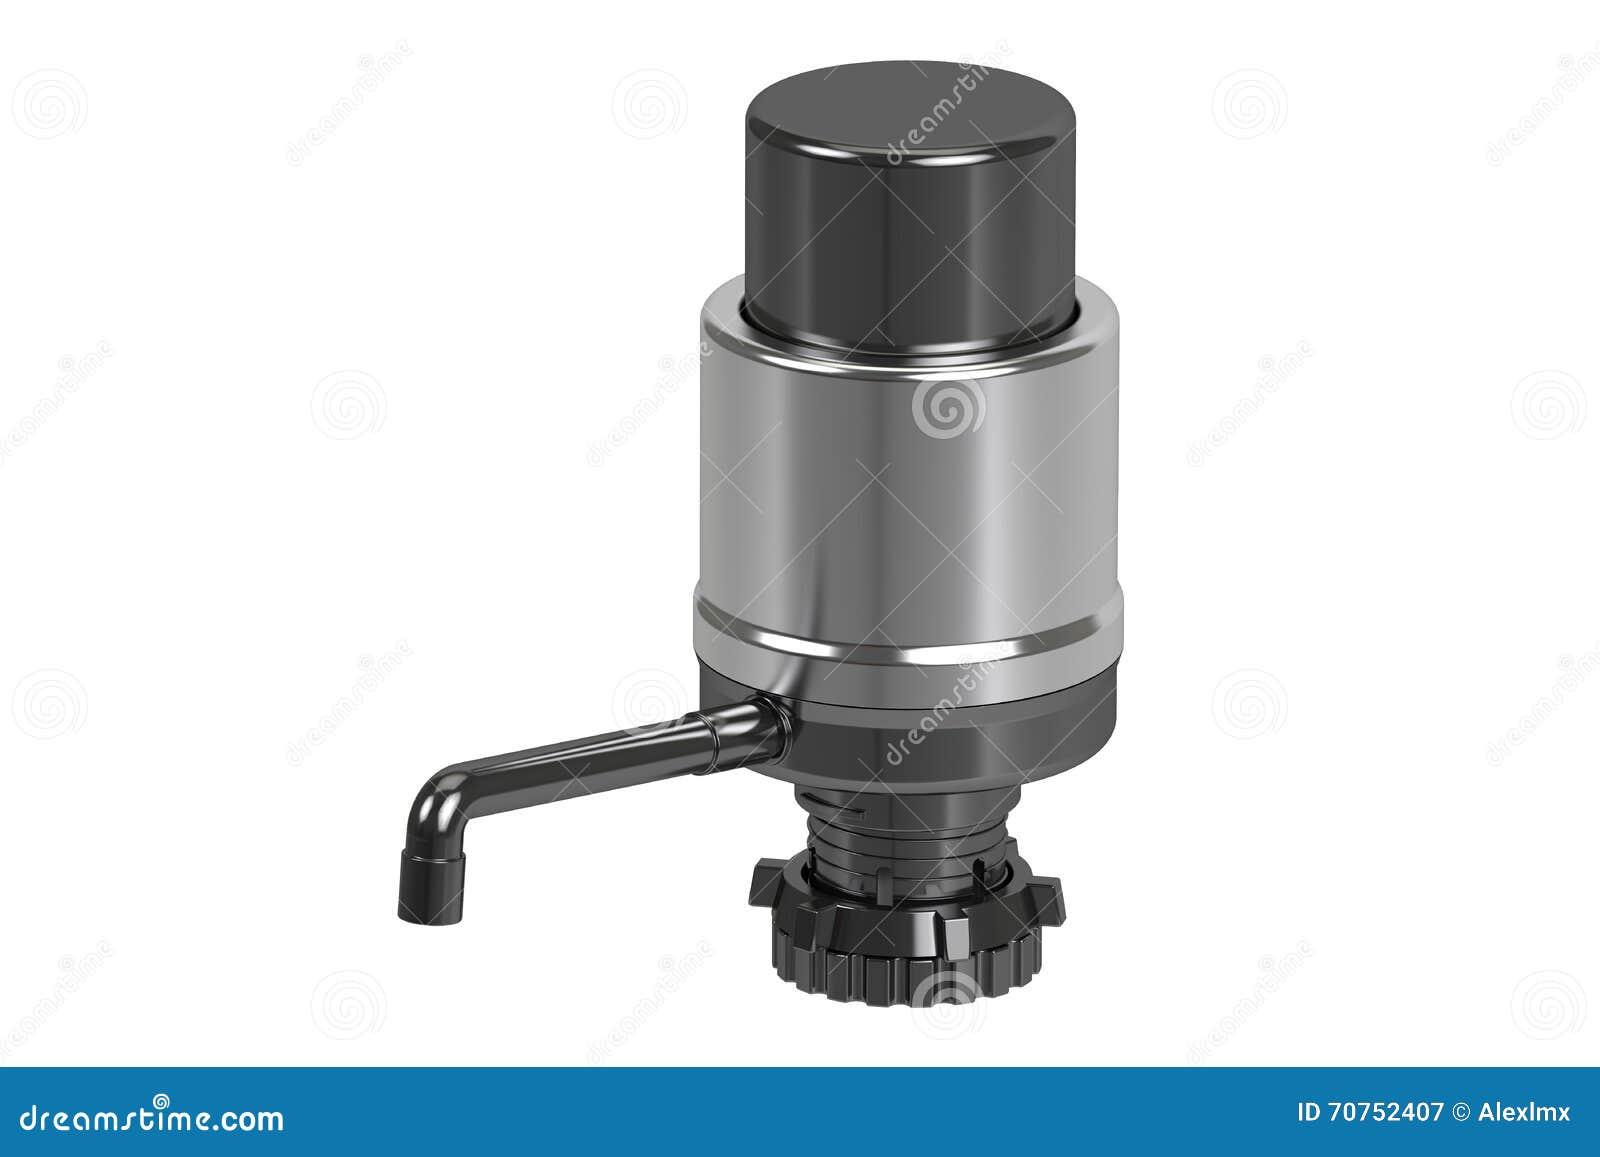 mettez la pompe en bouteille d 39 eau potable pompe de distributeur de l 39 eau rendu 3d illustration. Black Bedroom Furniture Sets. Home Design Ideas